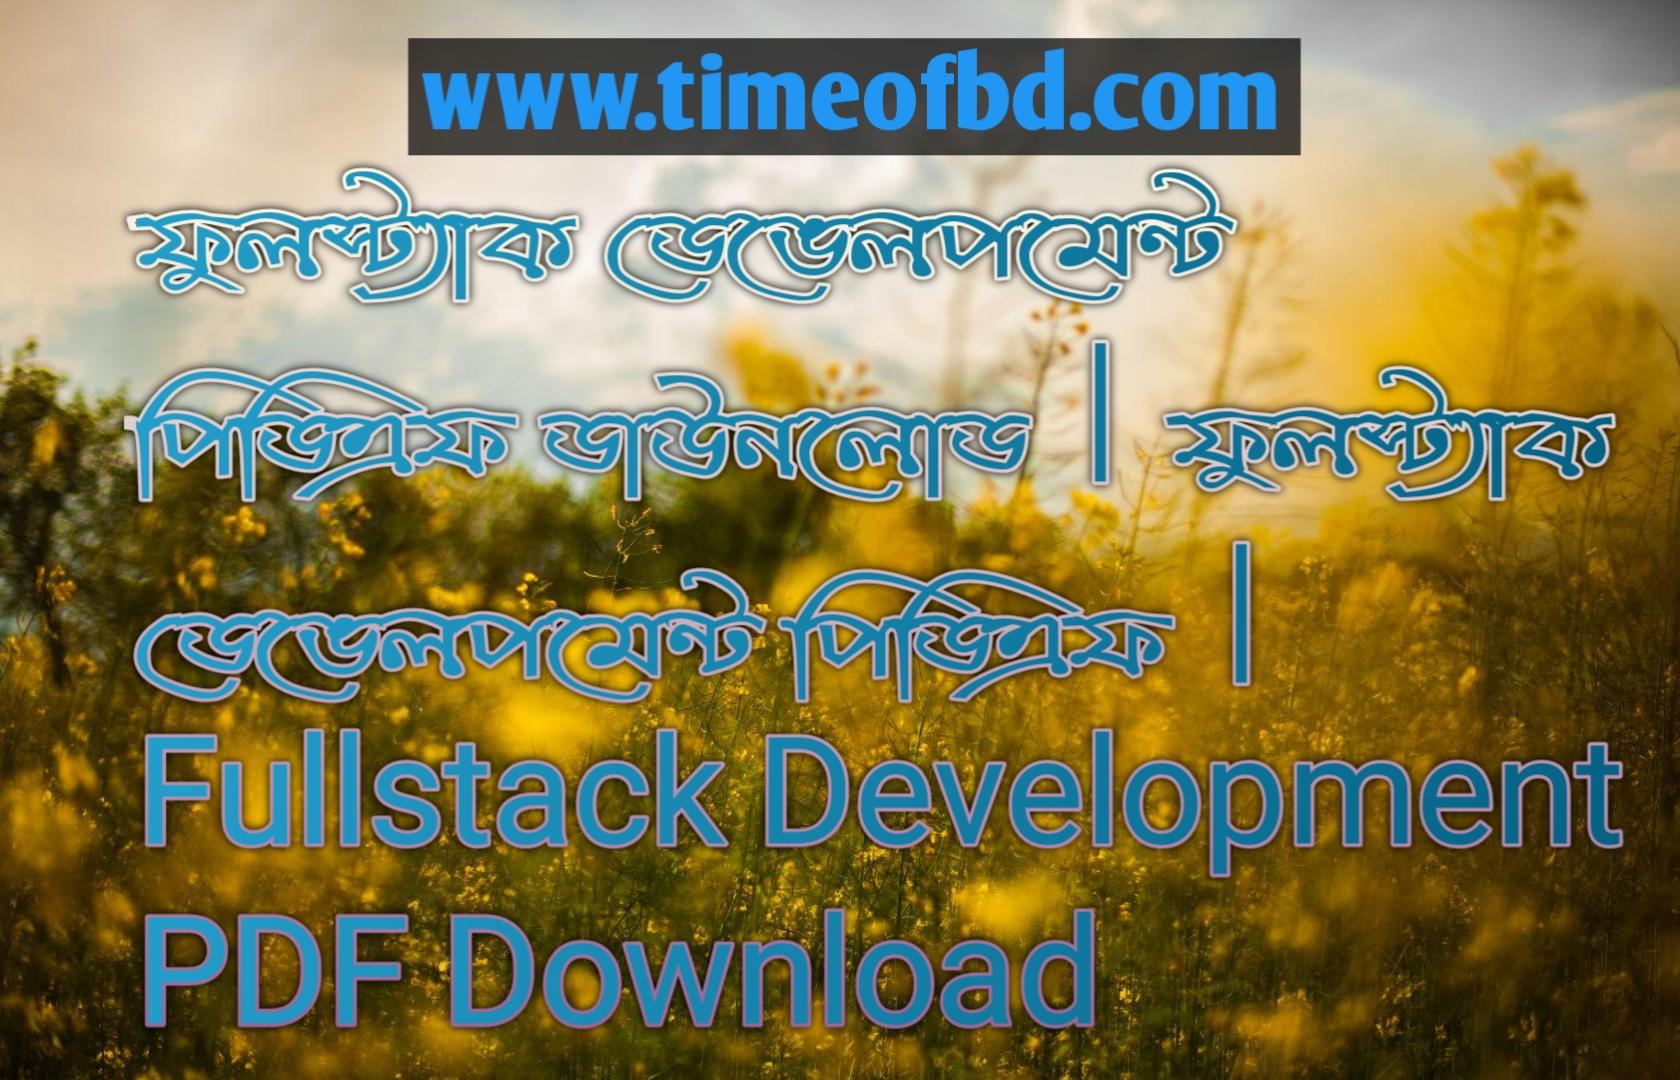 ফুলস্ট্যাক ডেভেলপমেন্ট পিডিএফ ডাউনলোড, ফুলস্ট্যাক ডেভেলপমেন্ট পিডিএফ, ফুলস্ট্যাক ডেভেলপমেন্ট pdf free download, ফুলস্ট্যাক ডেভেলপমেন্ট pdf download,